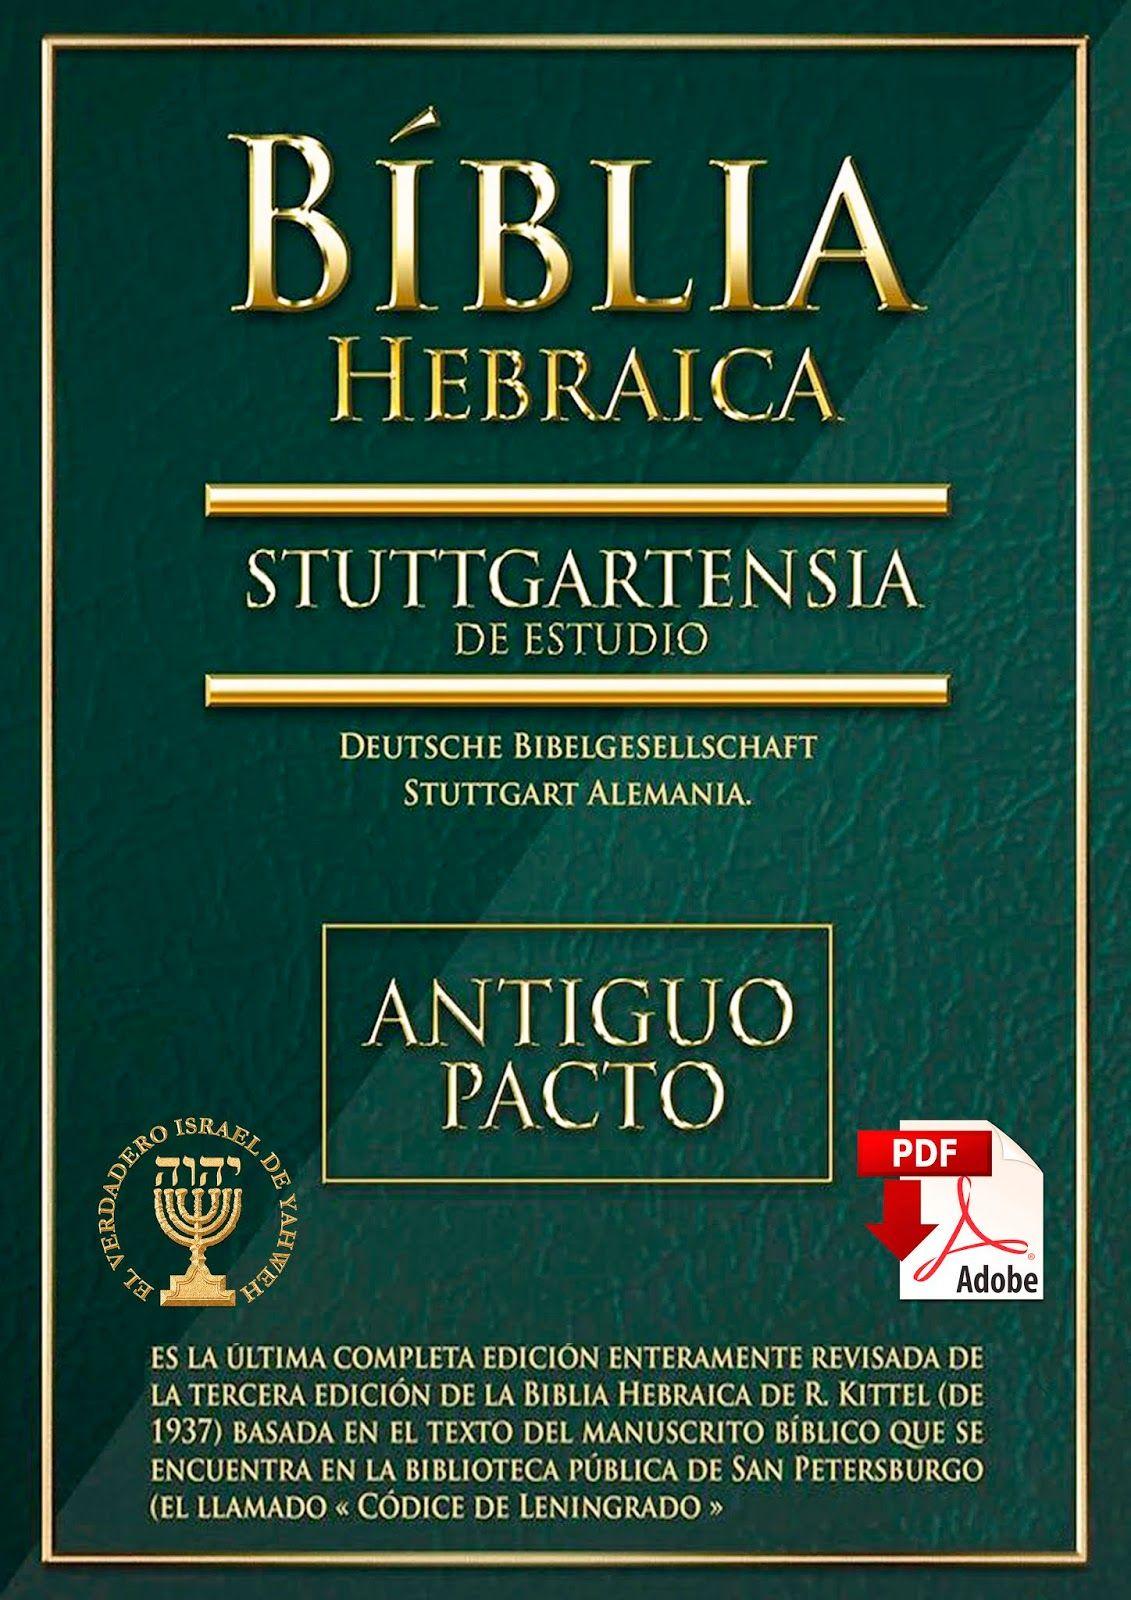 Biblia Hebraica Stuttgartensia Antiguo Pacto La Biblia Es Más Que Un Tesoro Histórico O Un Clásico Literario Para Biblia Cristiana Biblia Hebrea Biblia Gratis